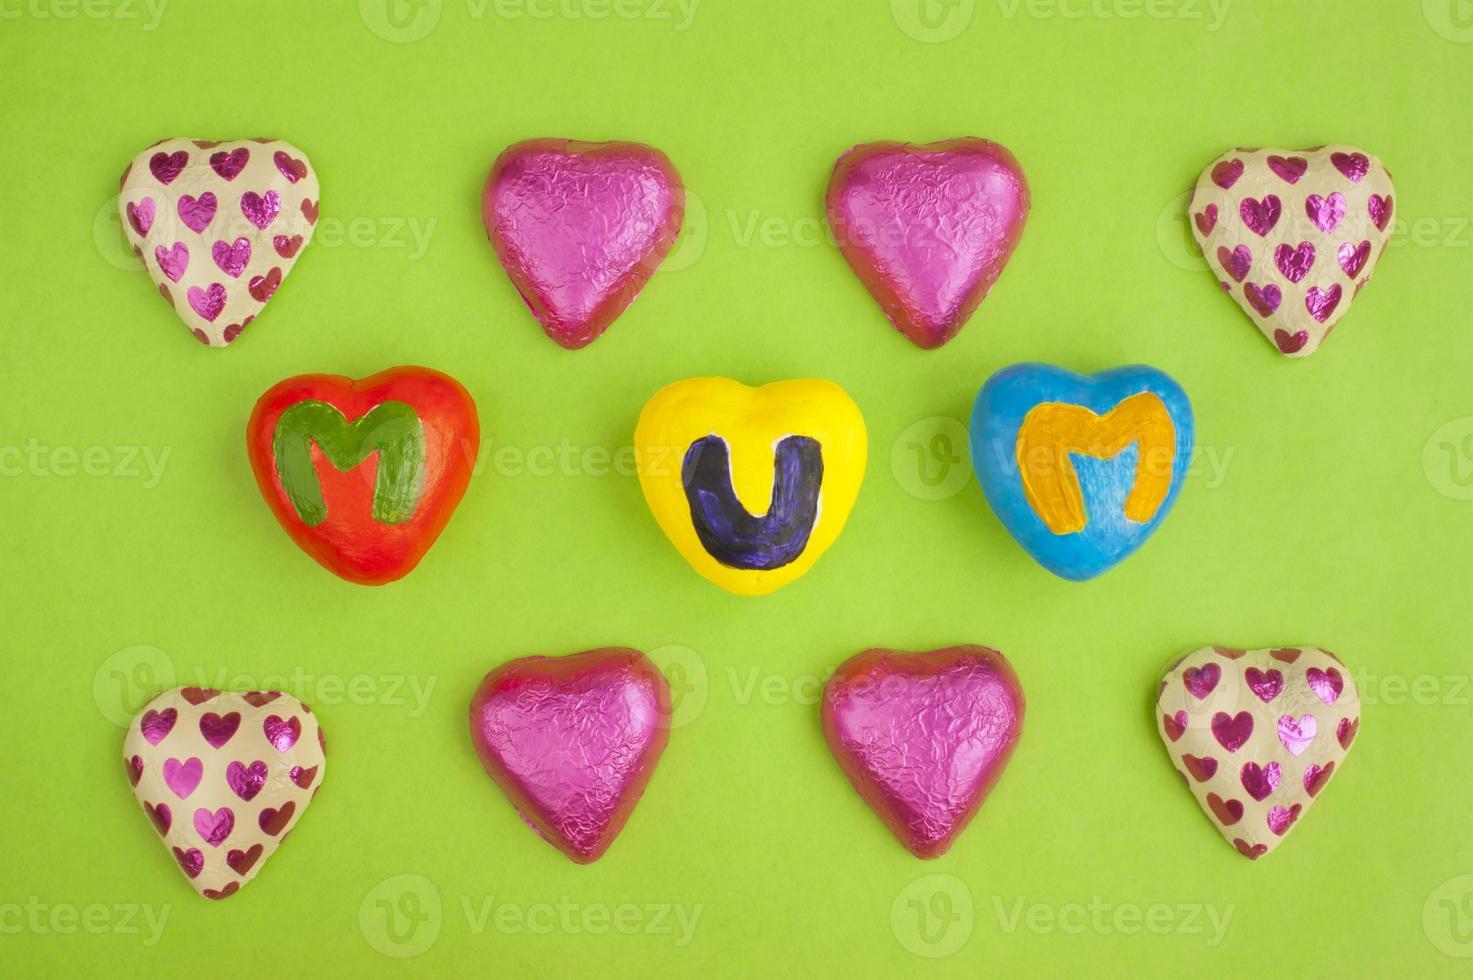 cœurs et chocolats pour la fête des mères. photo